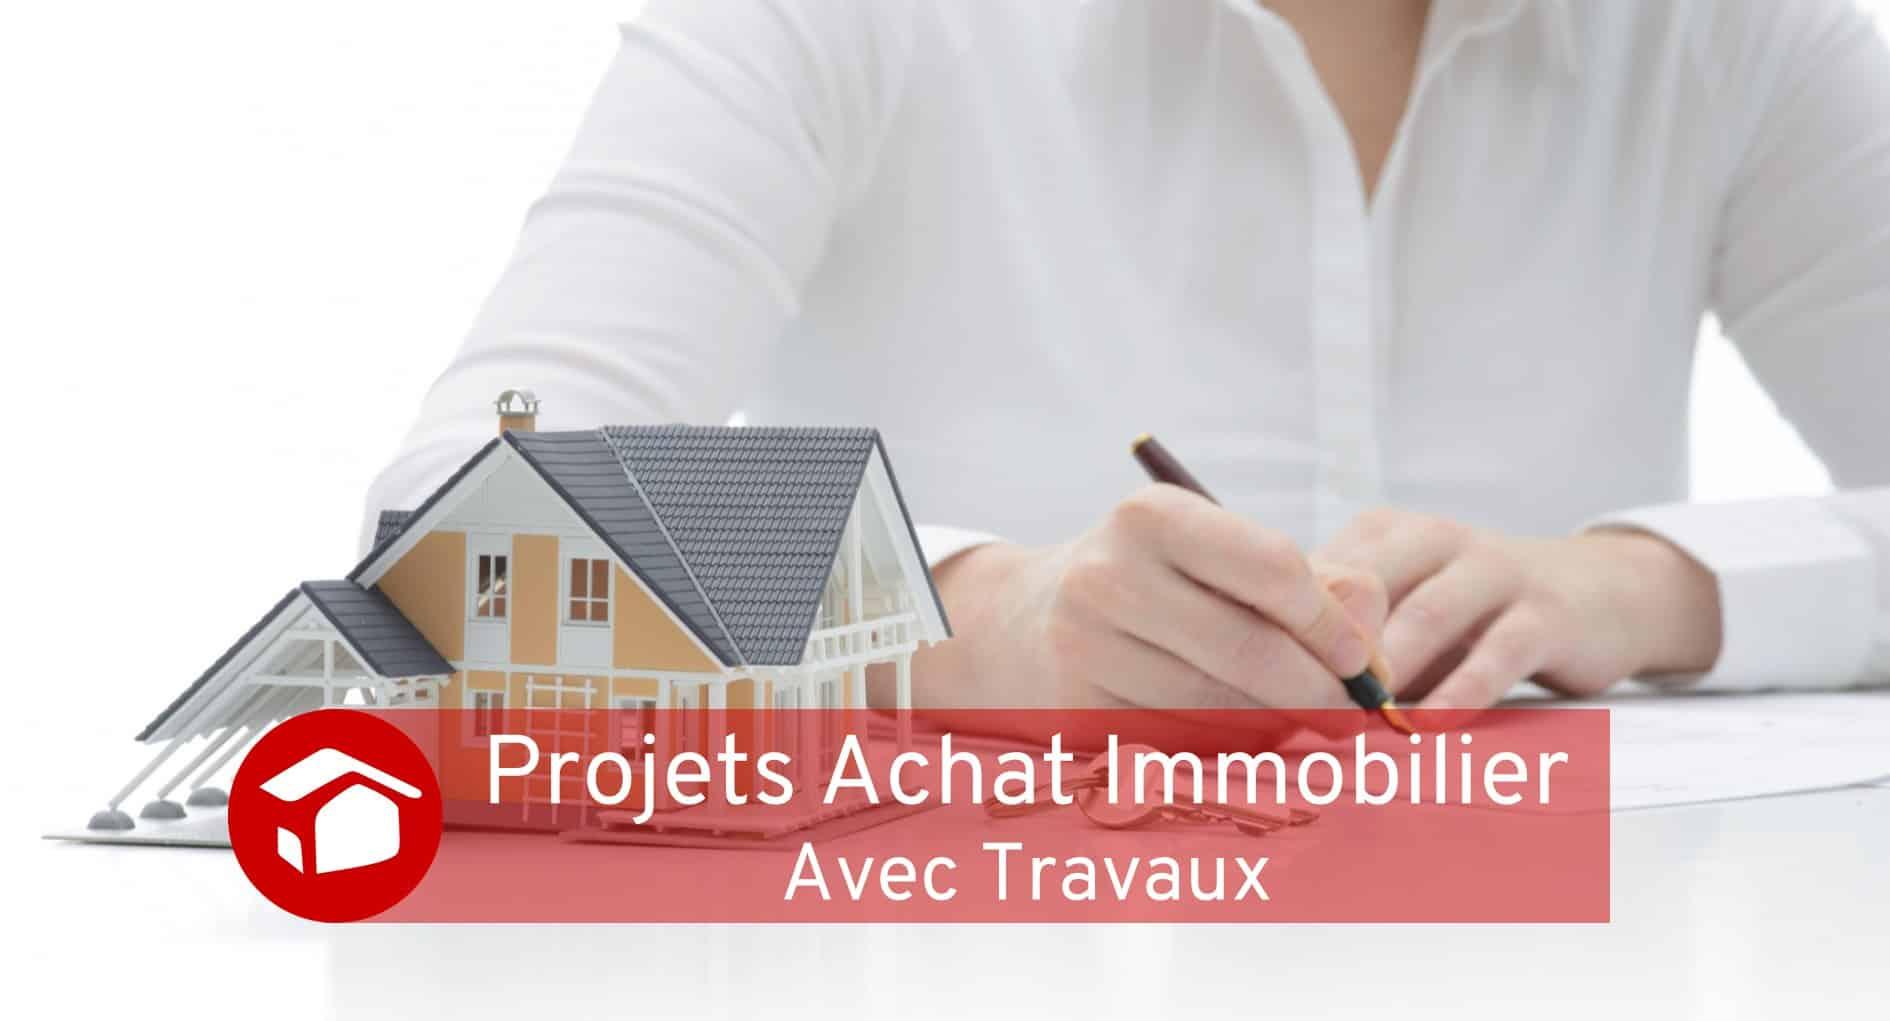 Projets achat immobilier avec travaux